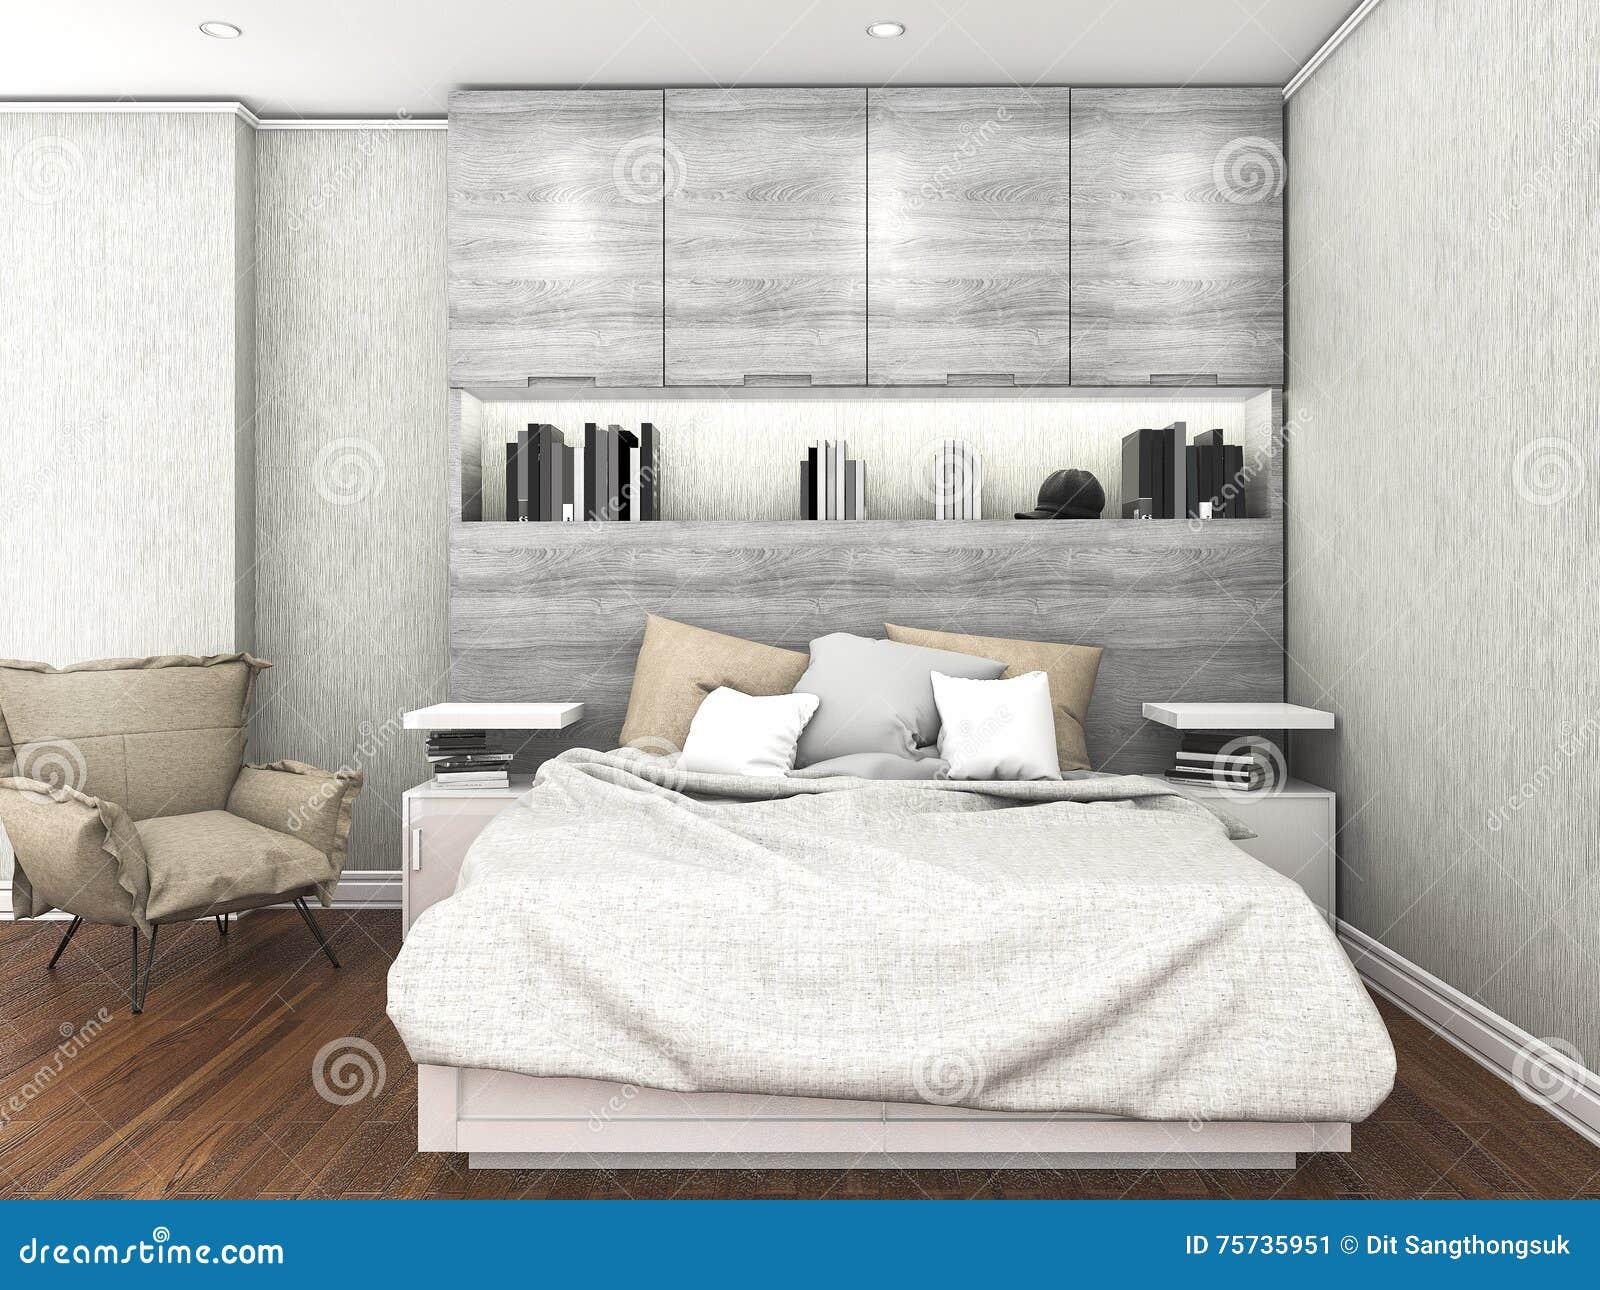 D che rende pavimento di legno con con luce del giorno for Case del seminterrato di luce del giorno